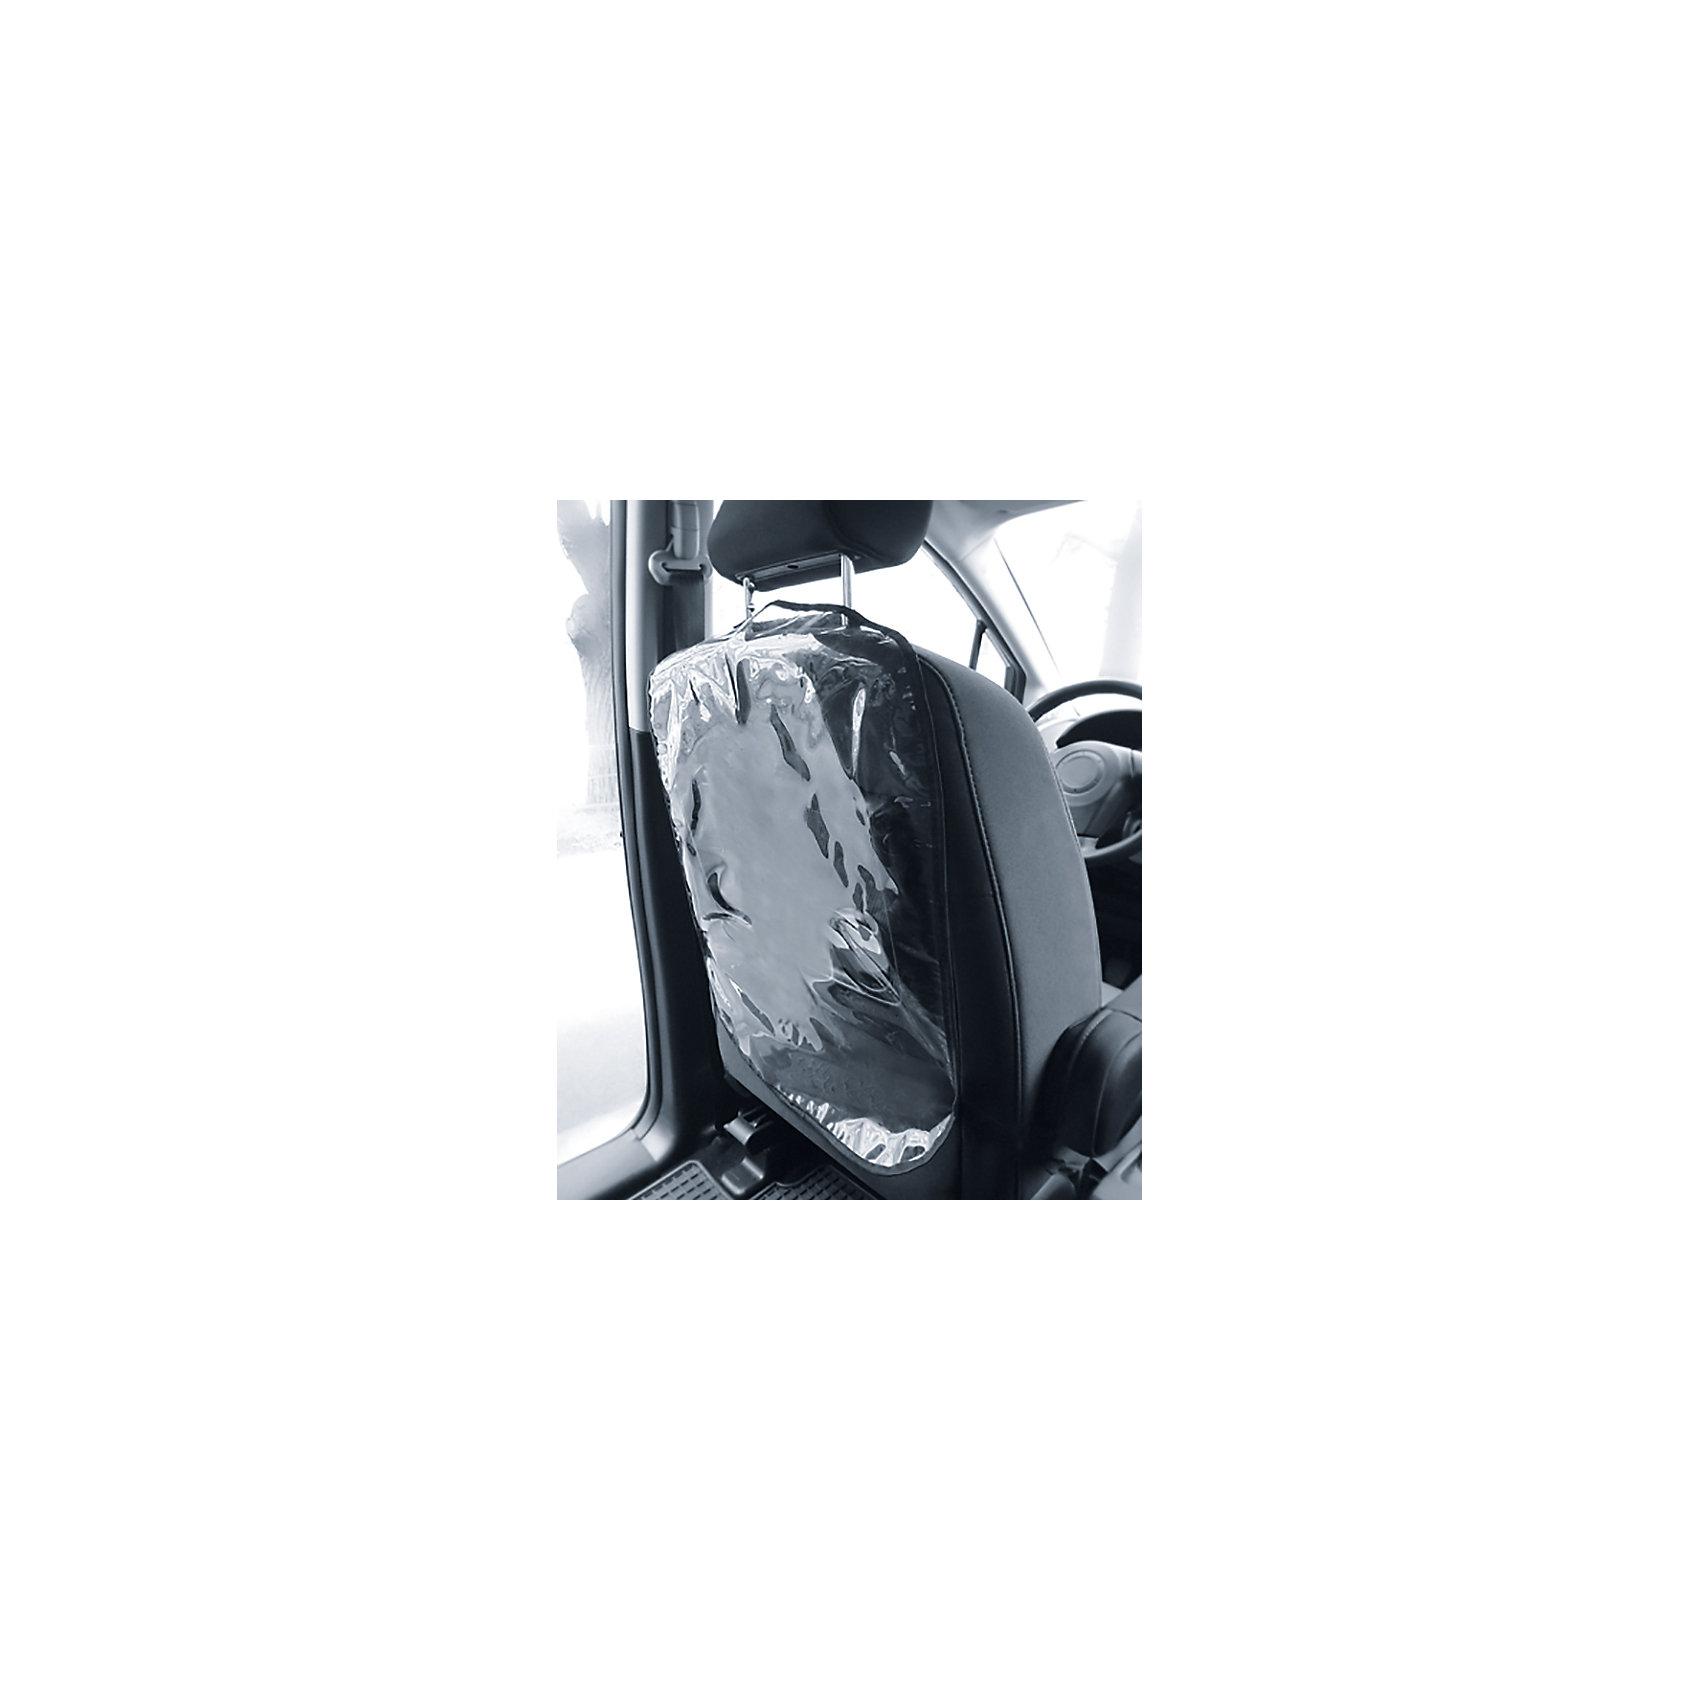 Защитная накидка на спинку автомобильного сиденья, ВитошаАксессуары<br>Характеристики:<br><br>• резинки-держатели;<br>• материал: прозрачная пленка ПВХ;<br>• размер накидки: 40х60 см;<br>• размер упаковки: 25х16,5х1 см;<br>• вес накидки: 50 г;<br>• вес в упаковке: 200 г.<br><br>Защитная накидка быстро и легко крепится на автомобильное сиденье. За накидкой легко ухаживать, аксессуар отмывается без труда. Накладка подходит для всех типов кресел со съемным подголовником.  <br><br>Защитную накидку на спинку автомобильного сиденья, Витоша можно купить в нашем интернет-магазине.<br><br>Ширина мм: 250<br>Глубина мм: 165<br>Высота мм: 10<br>Вес г: 200<br>Возраст от месяцев: 0<br>Возраст до месяцев: 36<br>Пол: Унисекс<br>Возраст: Детский<br>SKU: 5500271